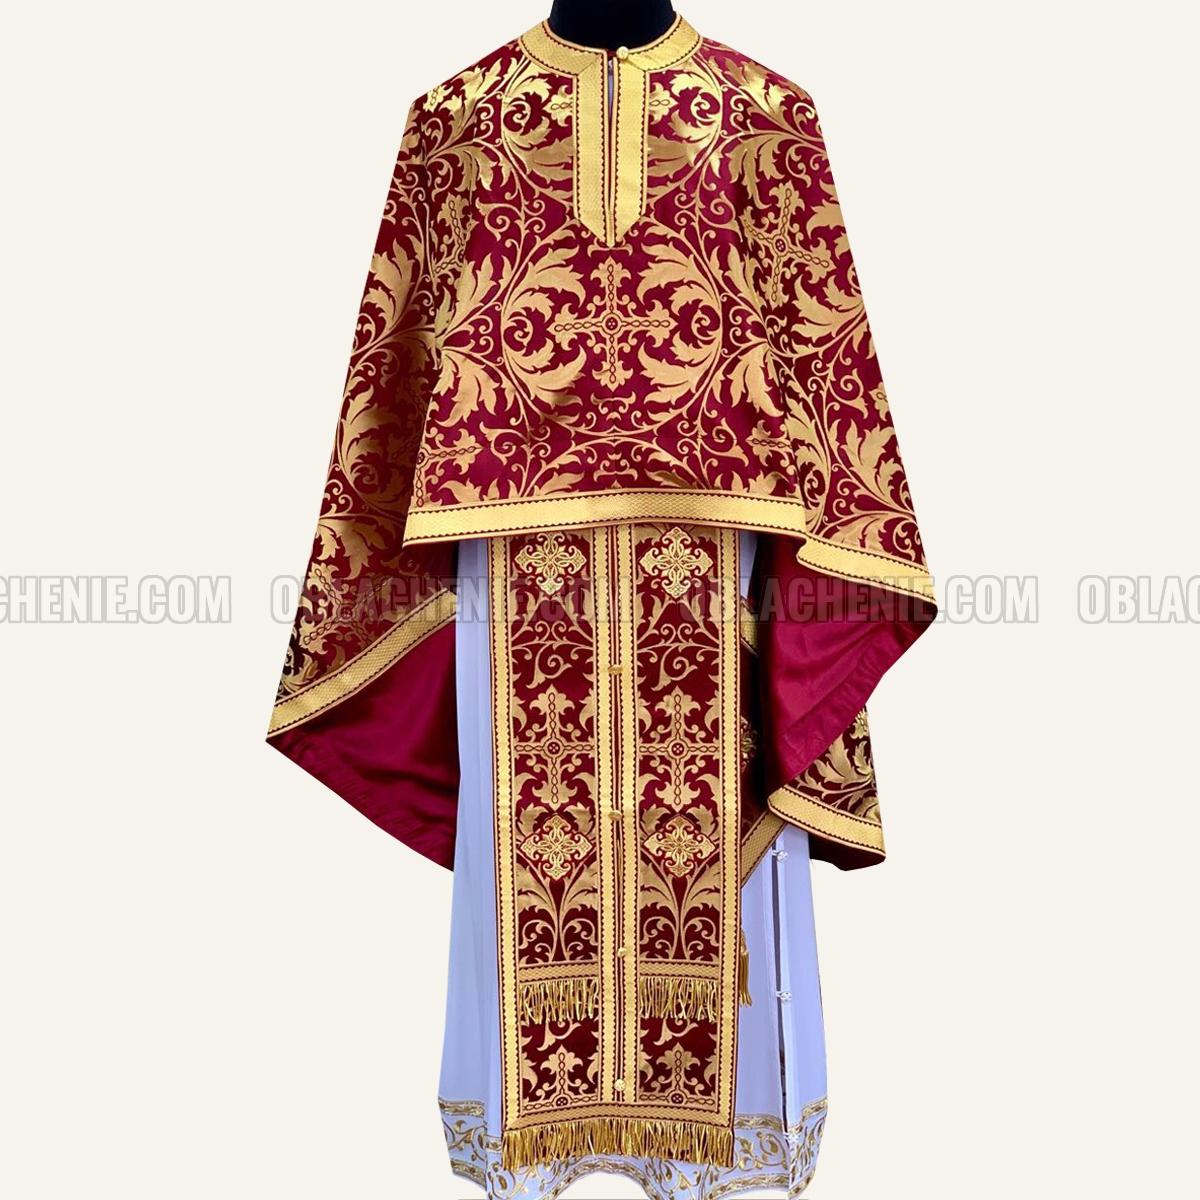 Priest's vestments 10156